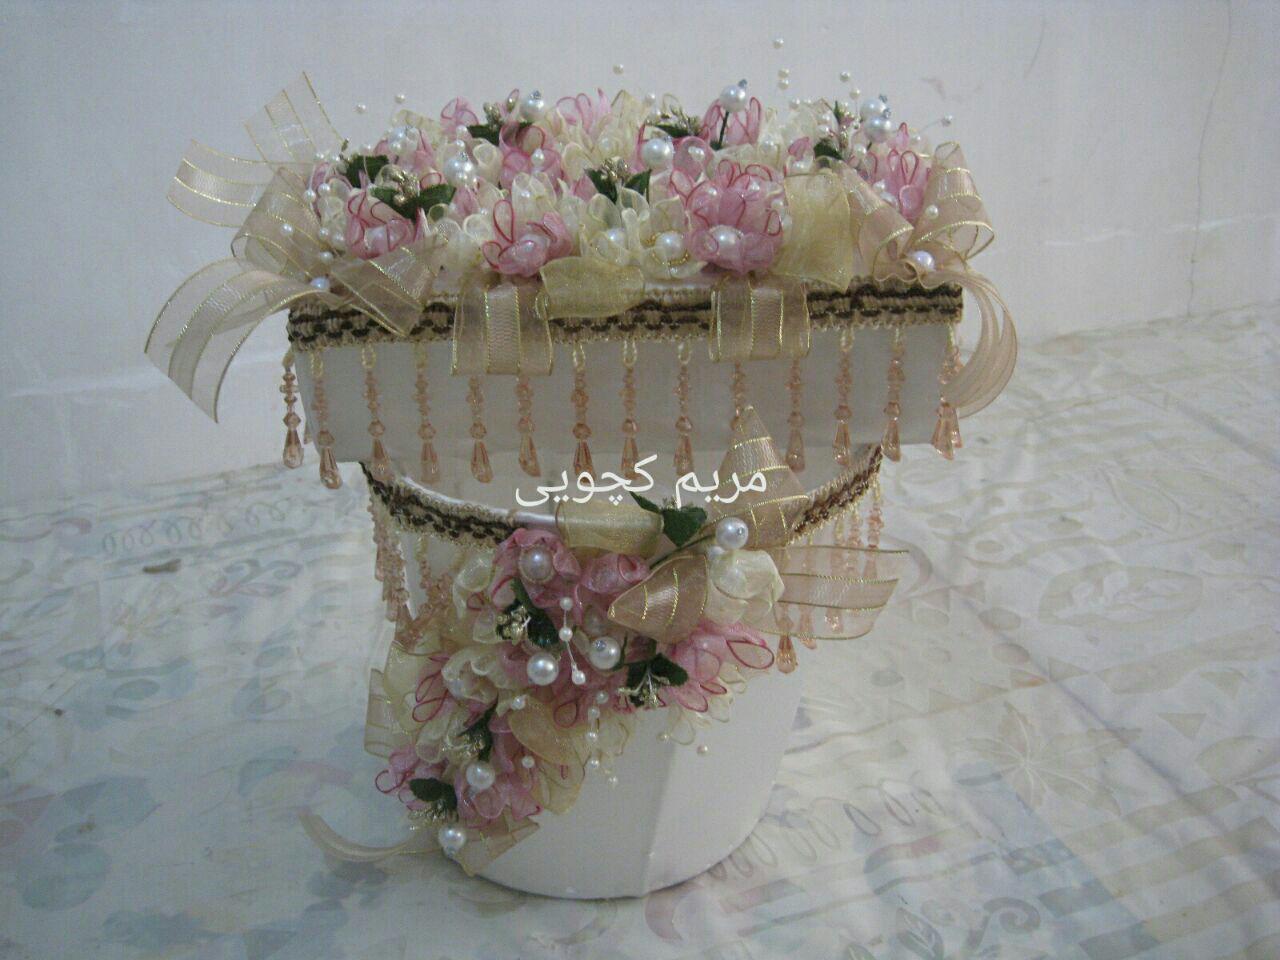 تزیین سطل و جعبه دستمال کاغذی با هنر زیبای روبان دوزی